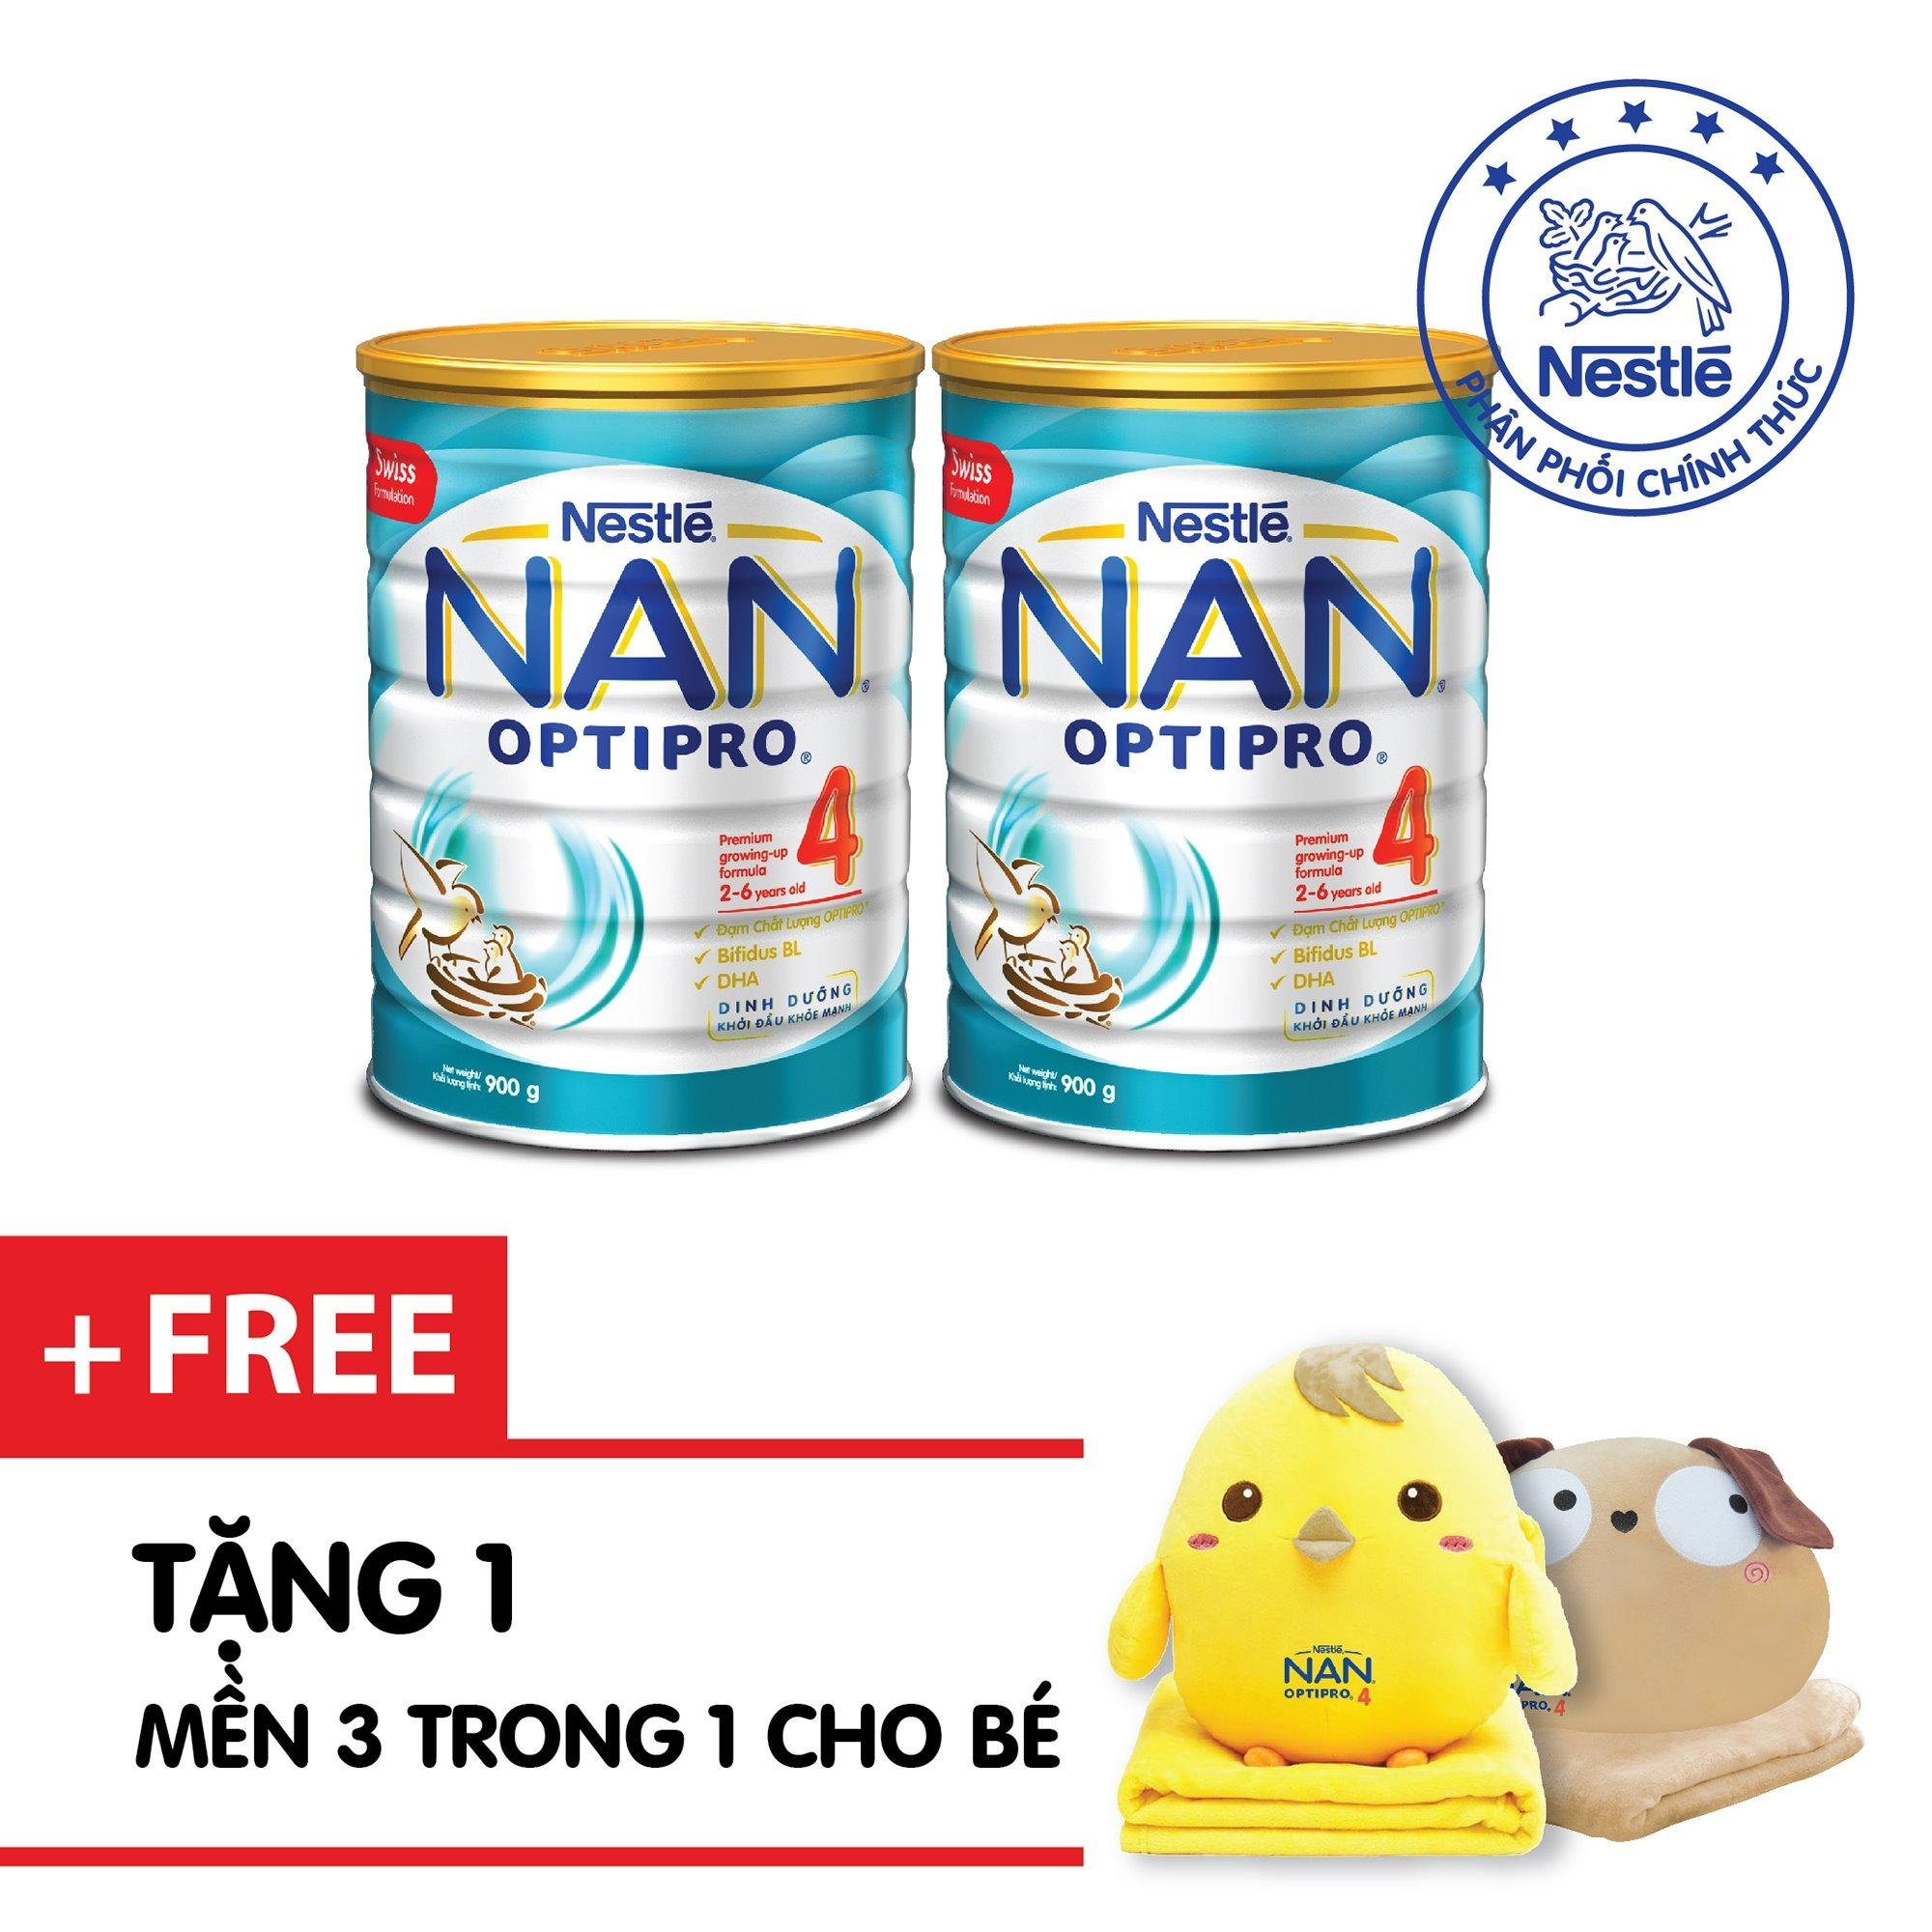 Bộ 2 Sữa bột Nestle NAN OPTIPRO 4 900g + Tặng 1 Mền 3 trong 1( Màu Ngẫu Nhiên)